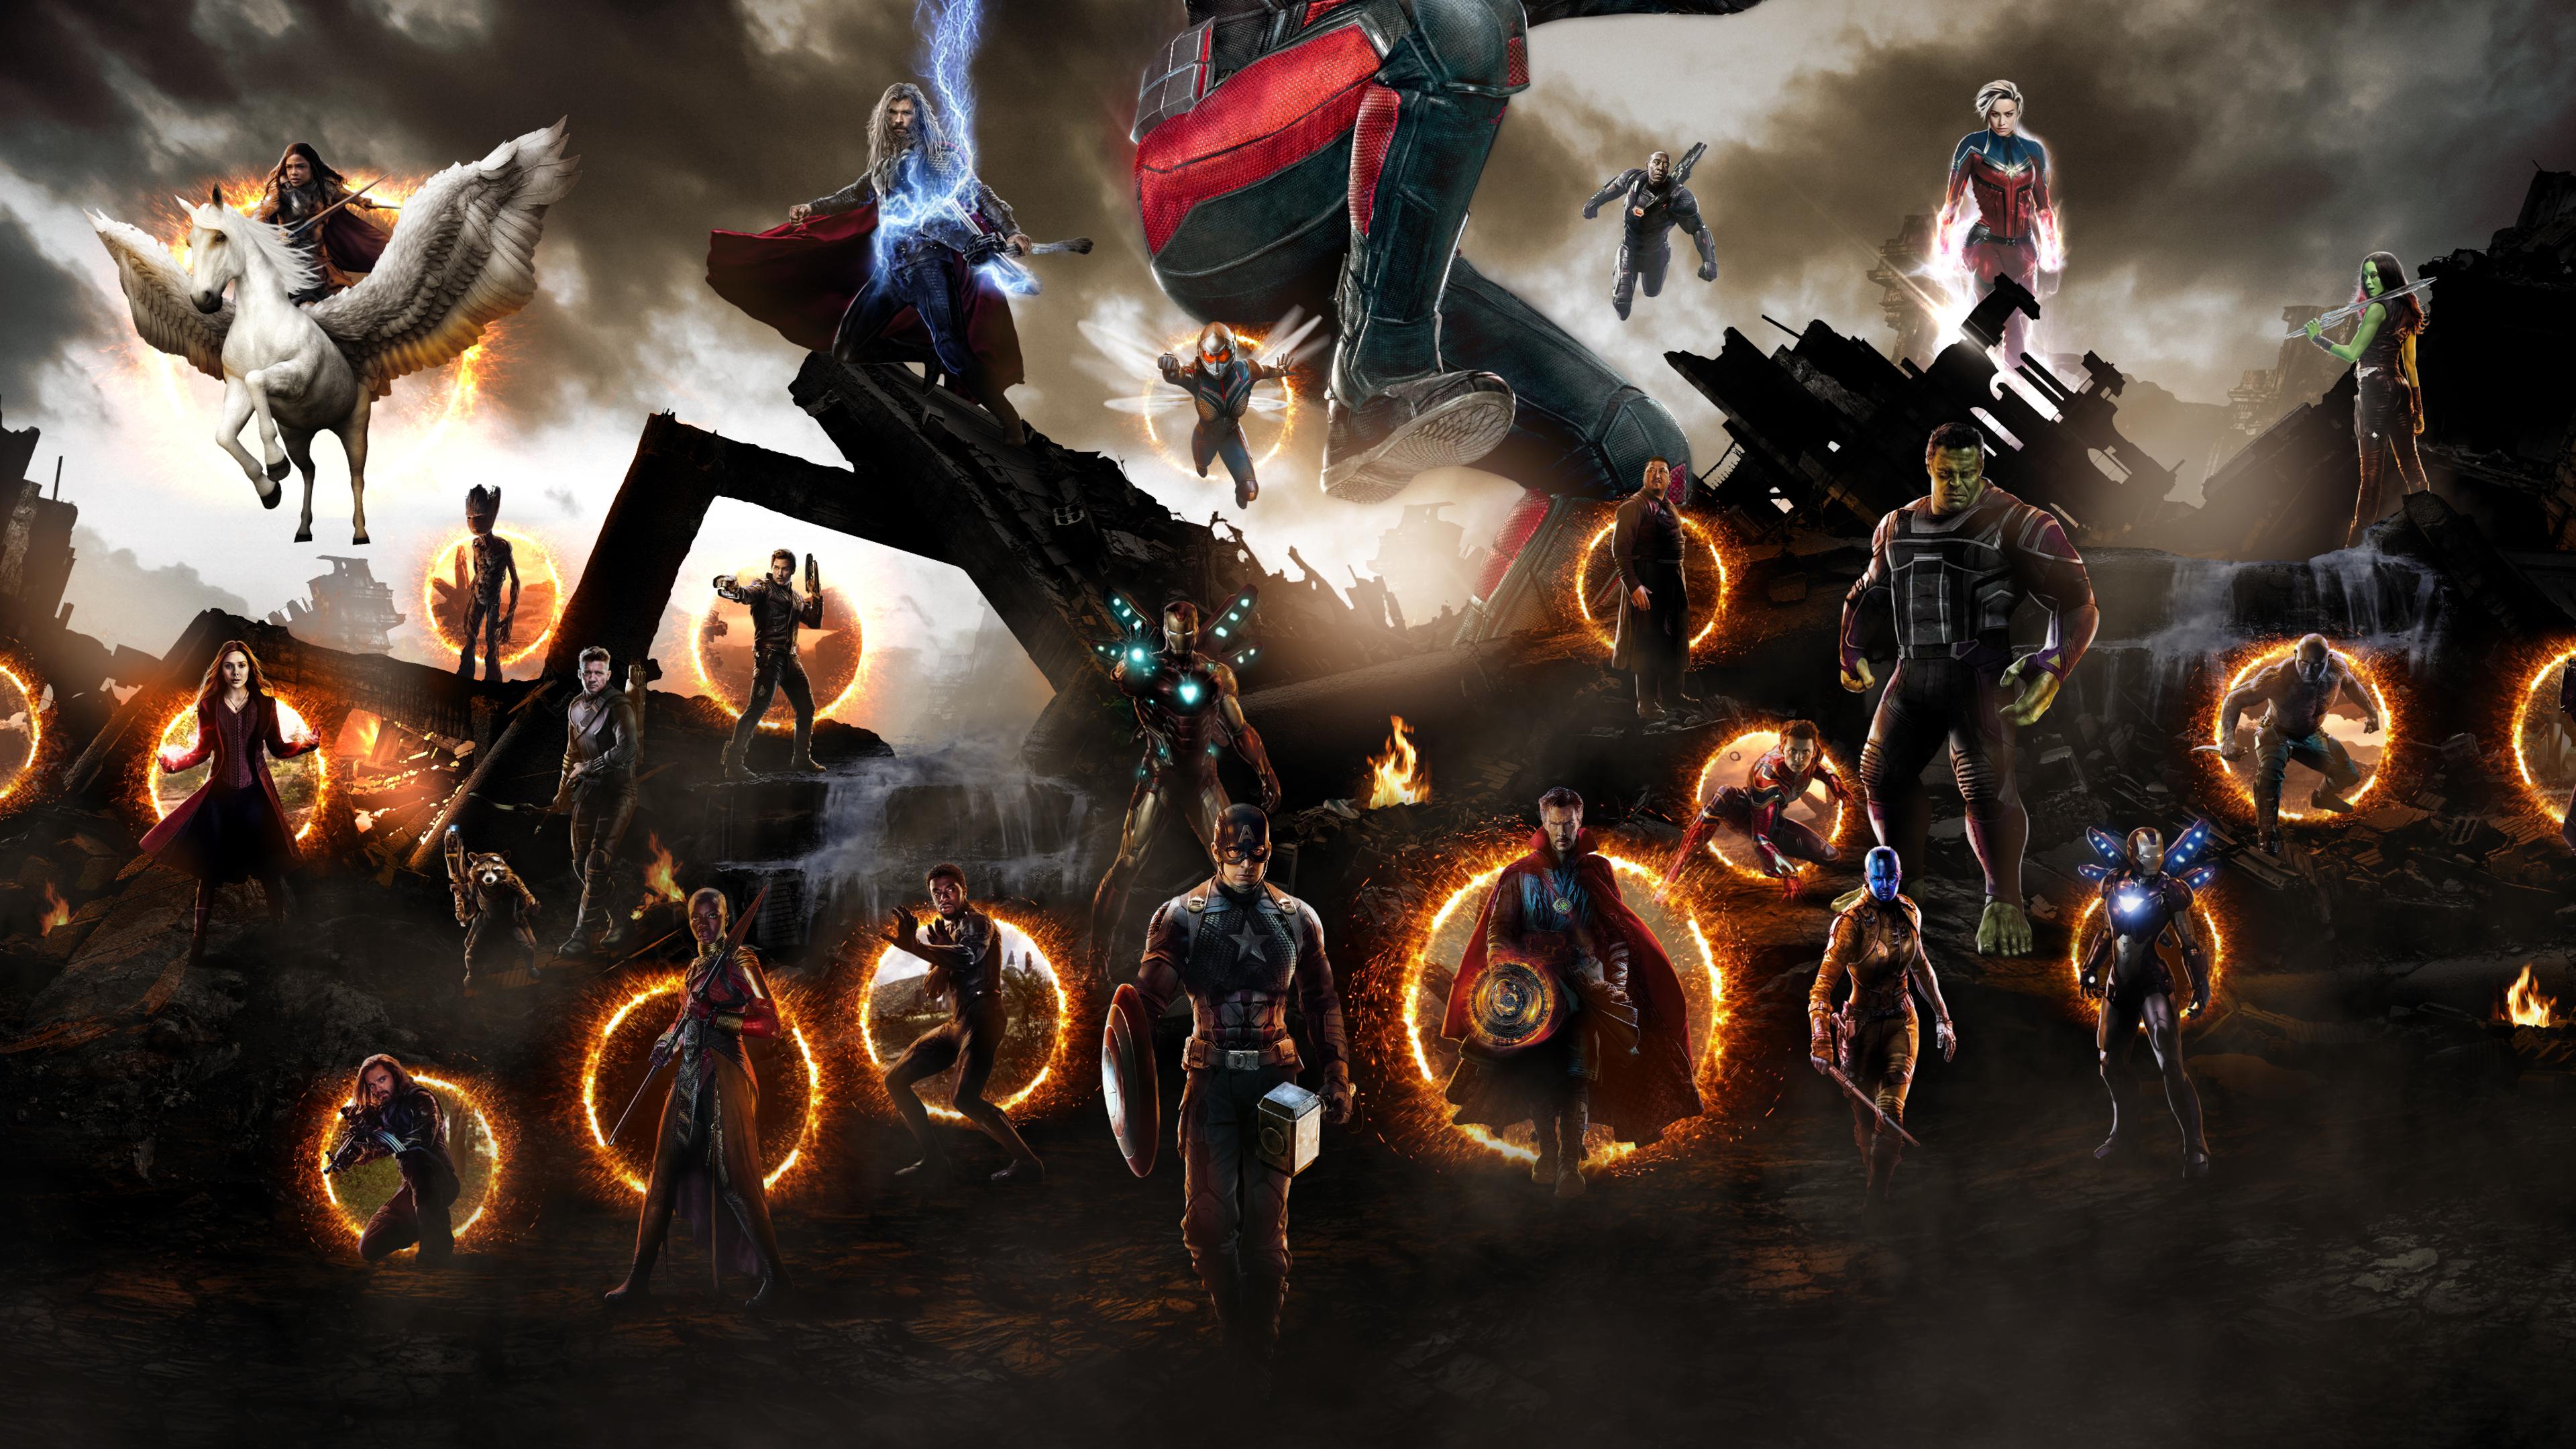 avengers endgame final battle scene 4k 1558220210 - Avengers Endgame Final Battle Scene 4k - superheroes wallpapers, movies wallpapers, hd-wallpapers, deviantart wallpapers, avengers endgame wallpapers, artwork wallpapers, 4k-wallpapers, 2019 movies wallpapers